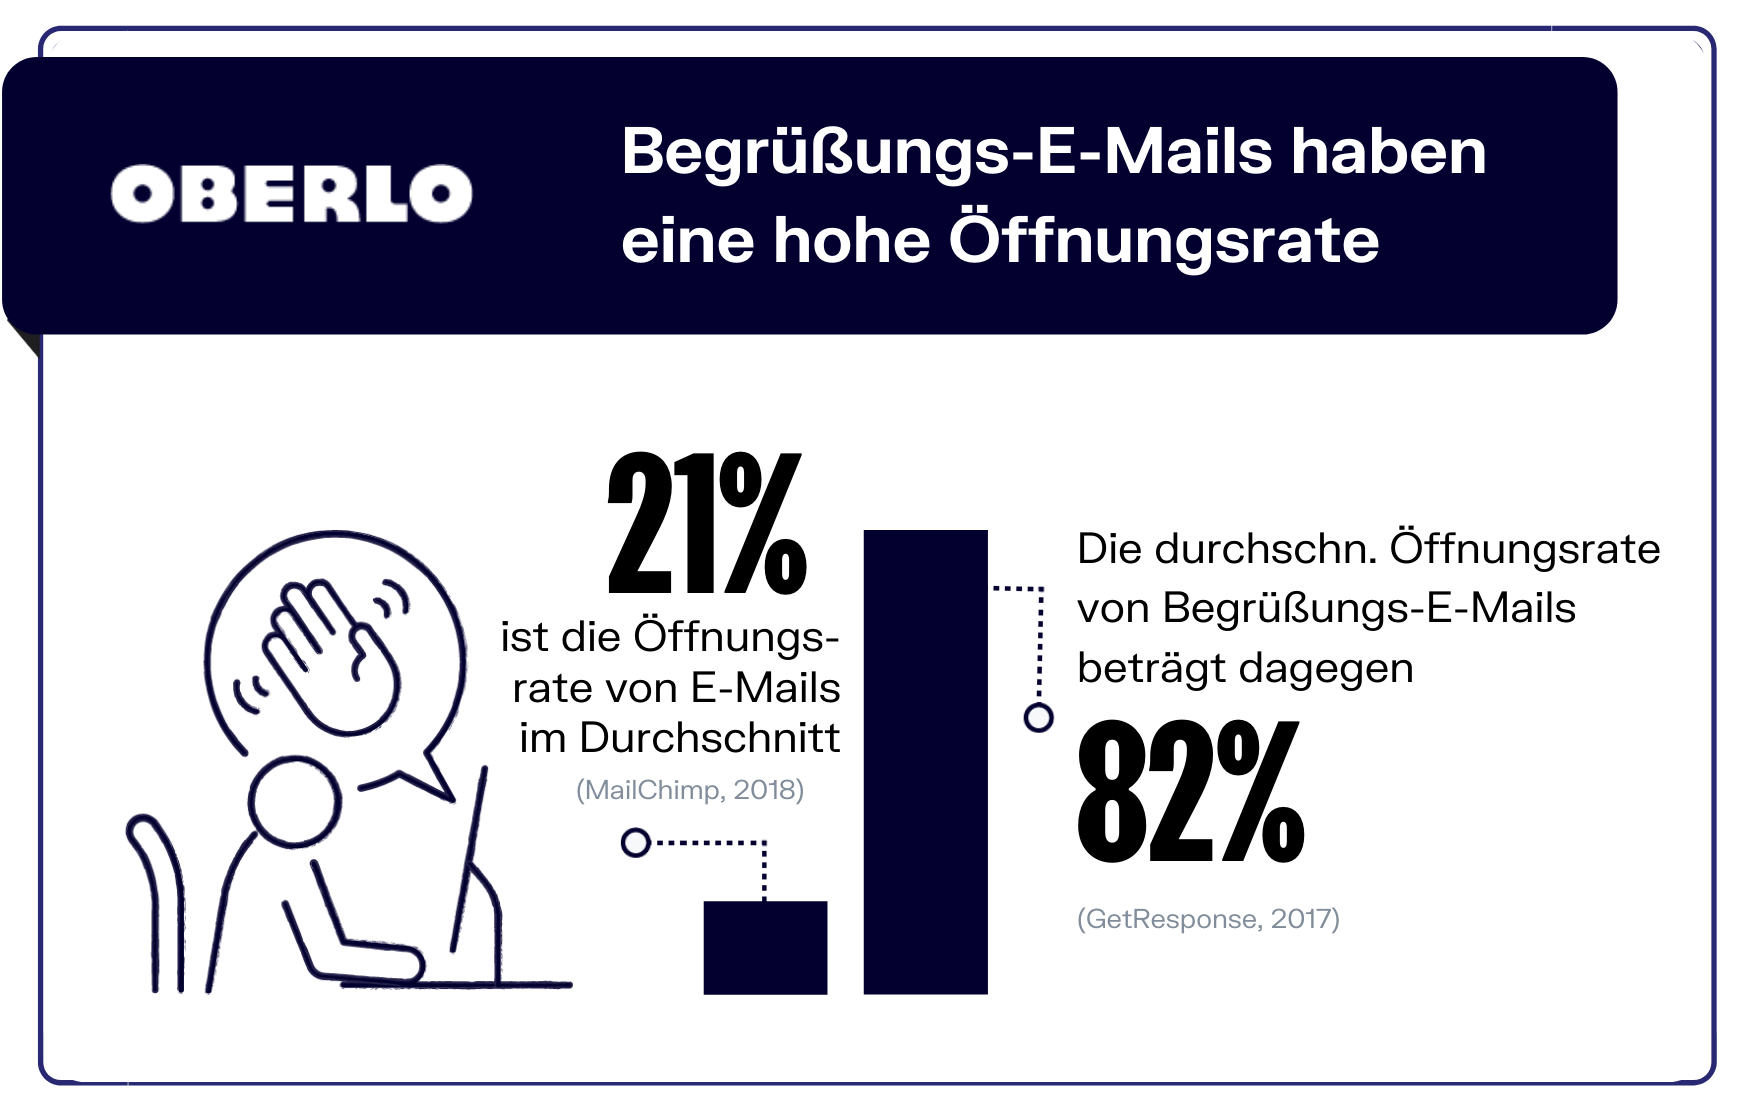 E-Mails und Öffnungsraten